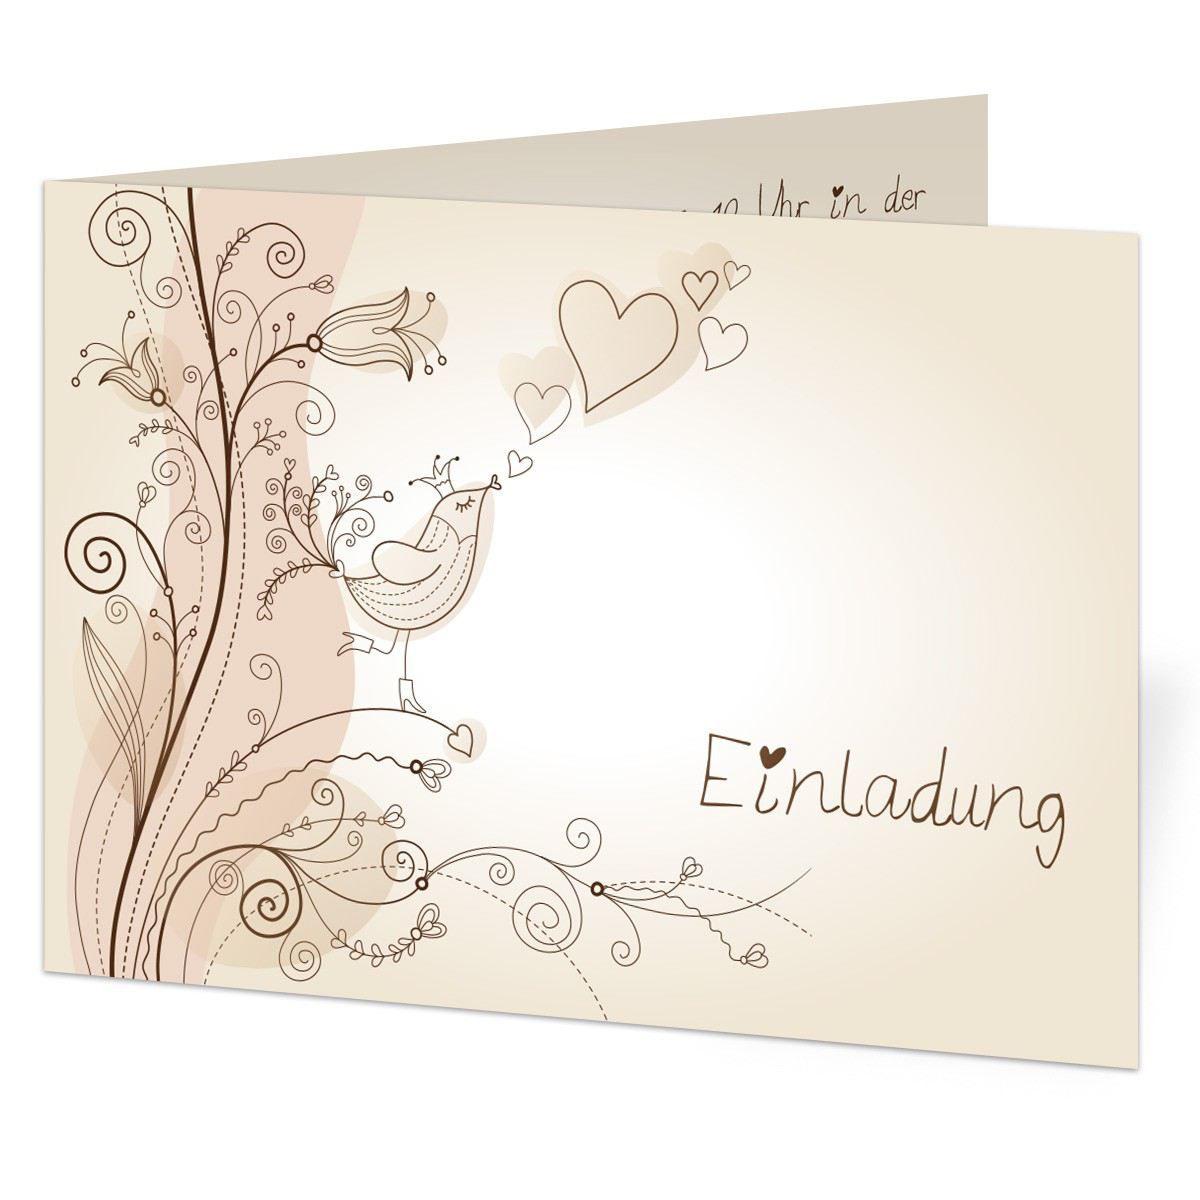 Einladungskarten Hochzeit Gestalten : Einladungskarten Hochzeit Selbst  Gestalten Online   Online Einladungskarten   Online Einladungskarten